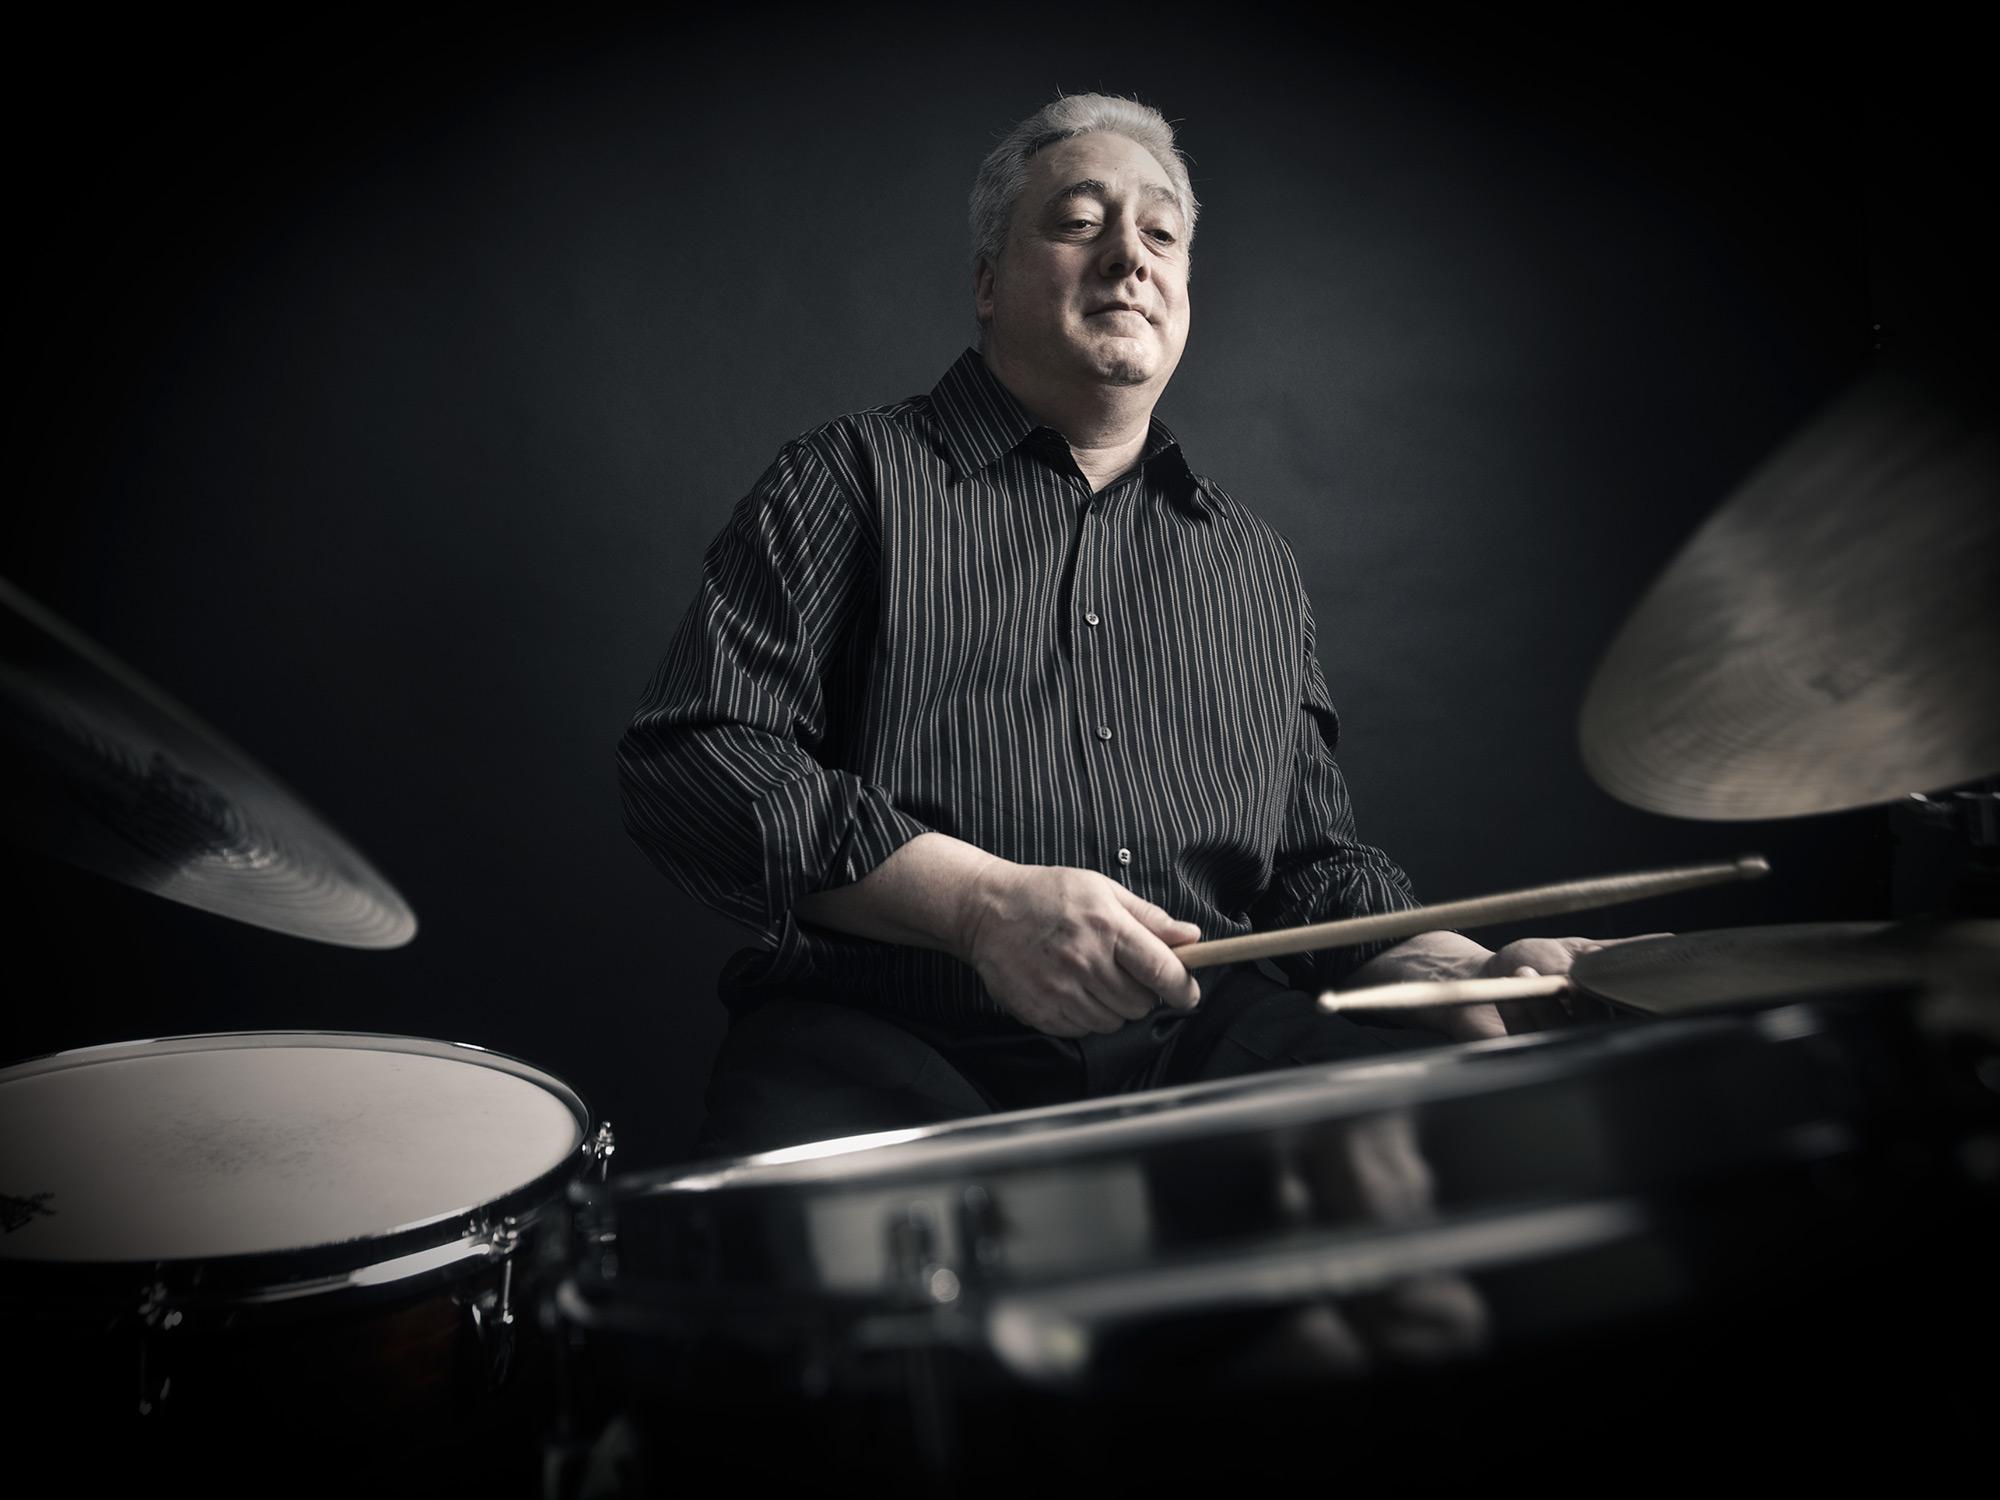 N. Glenn Davis